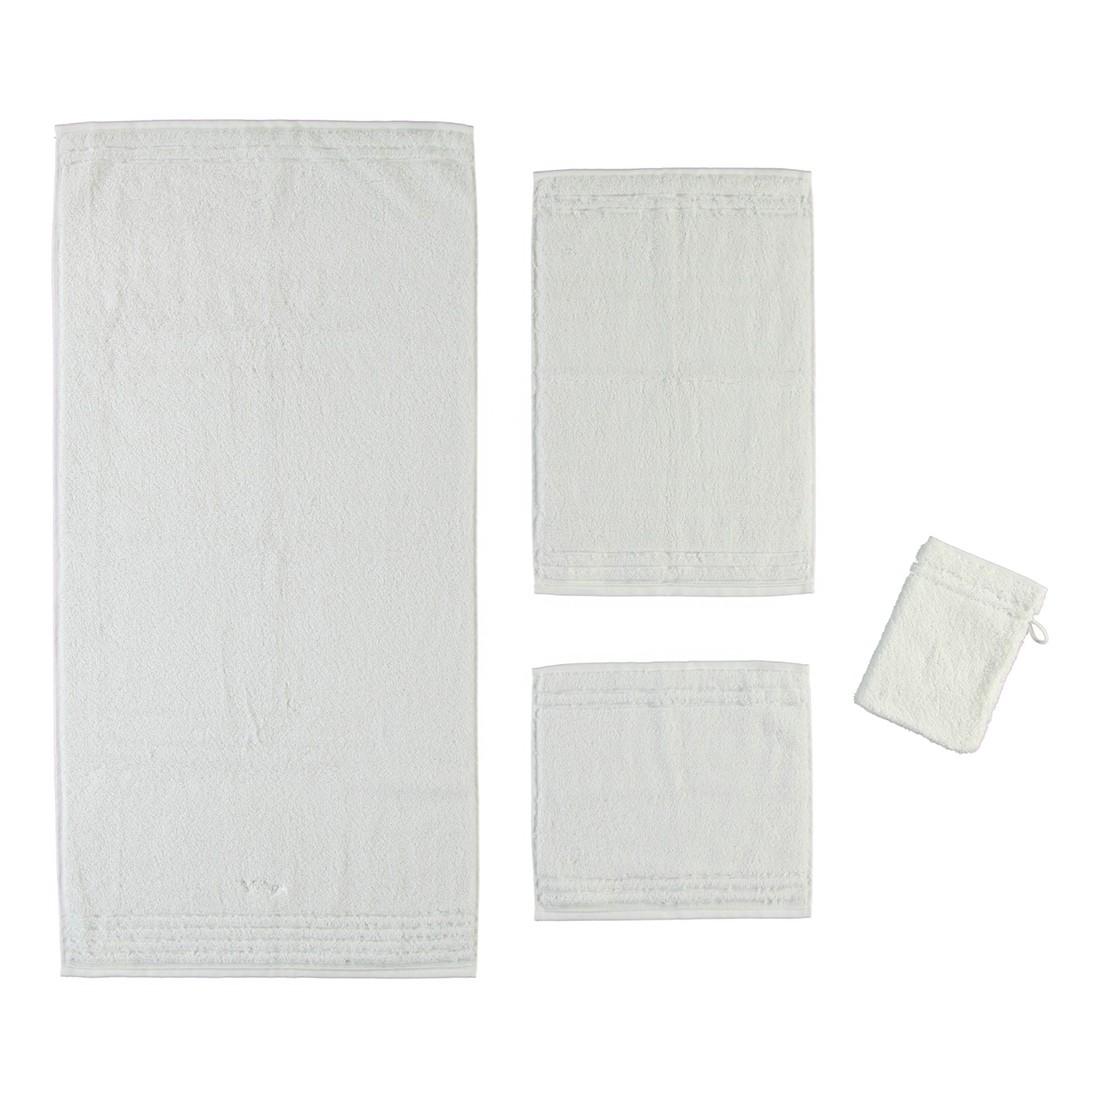 Handtuch Vienna Style Supersoft – 100% Baumwolle Weiß – 030 – Handtuch: 50 x 100 cm, Vossen günstig kaufen